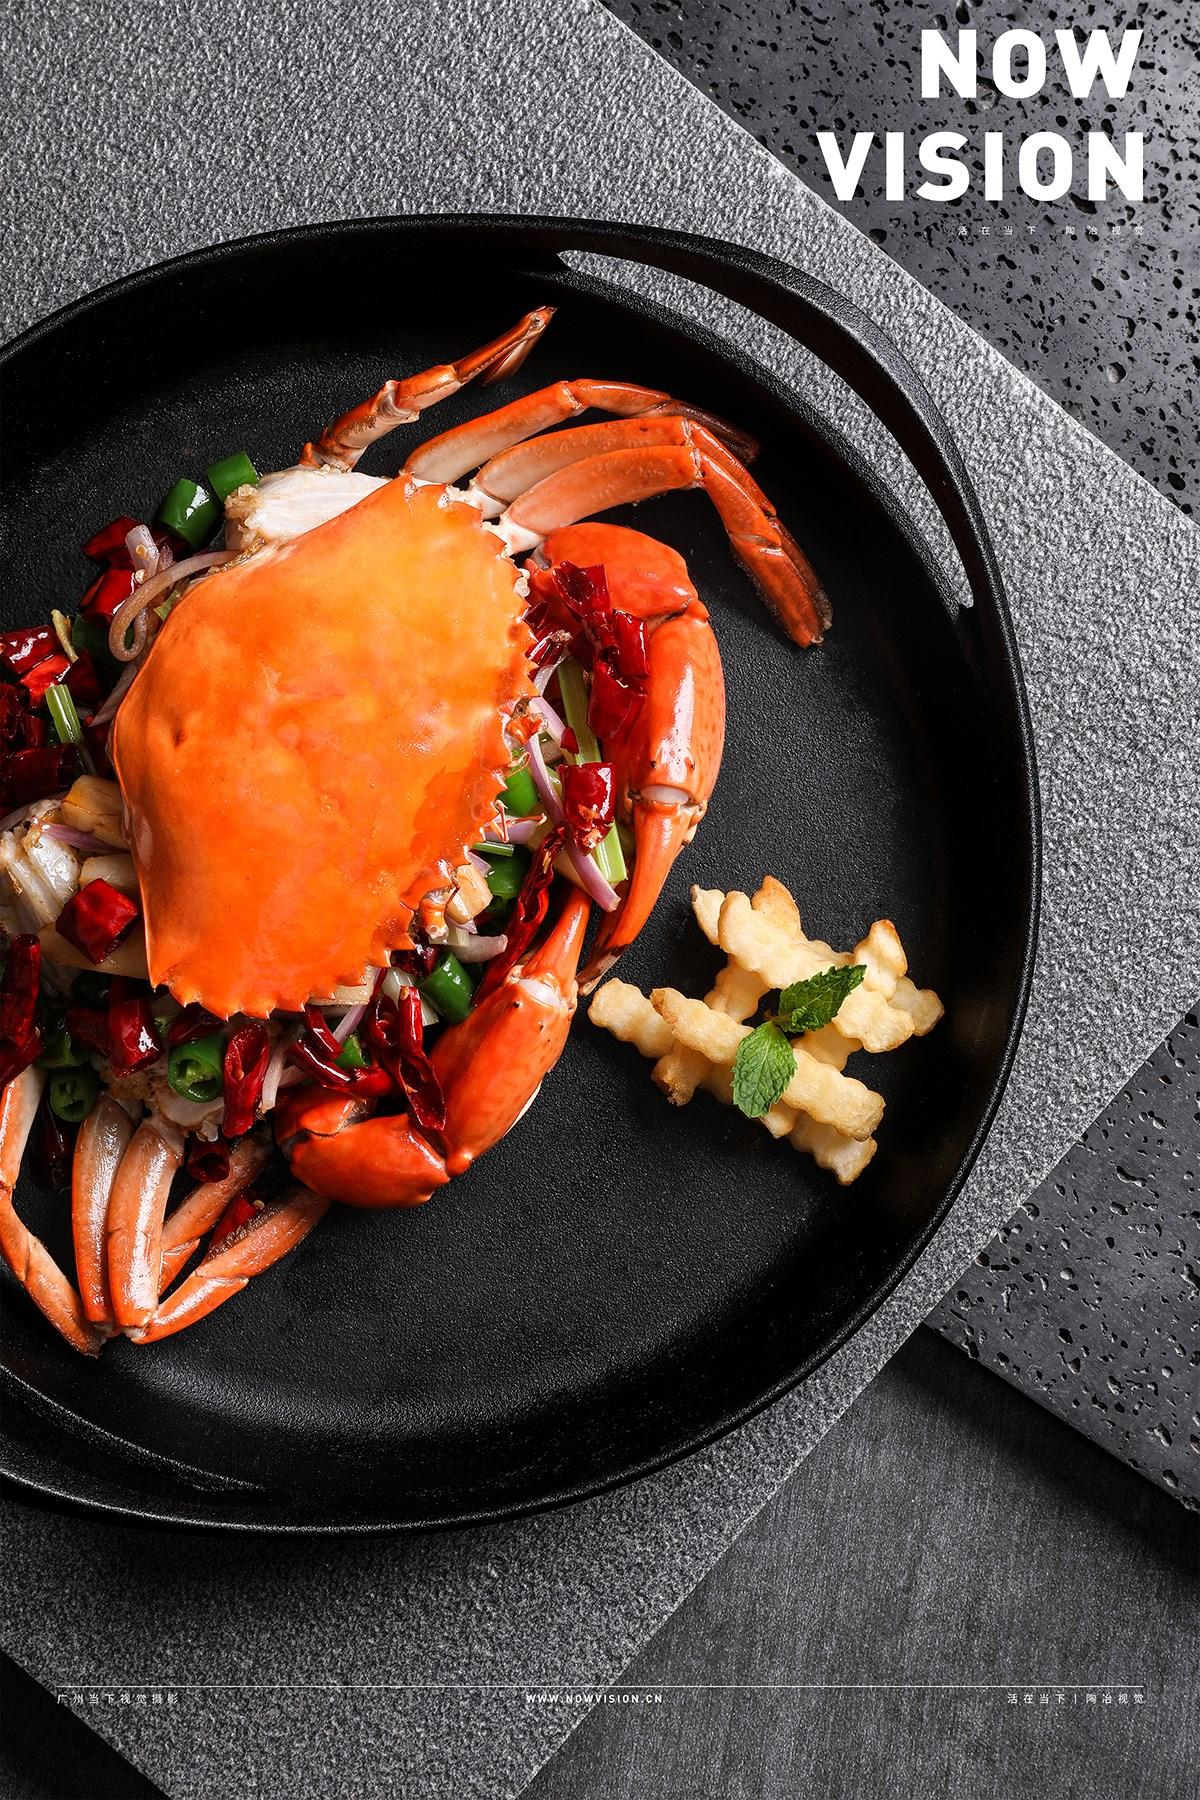 川隈杂谈·一家对食材高度执着的川味餐厅 | 当下视觉摄影  | NOWVISION